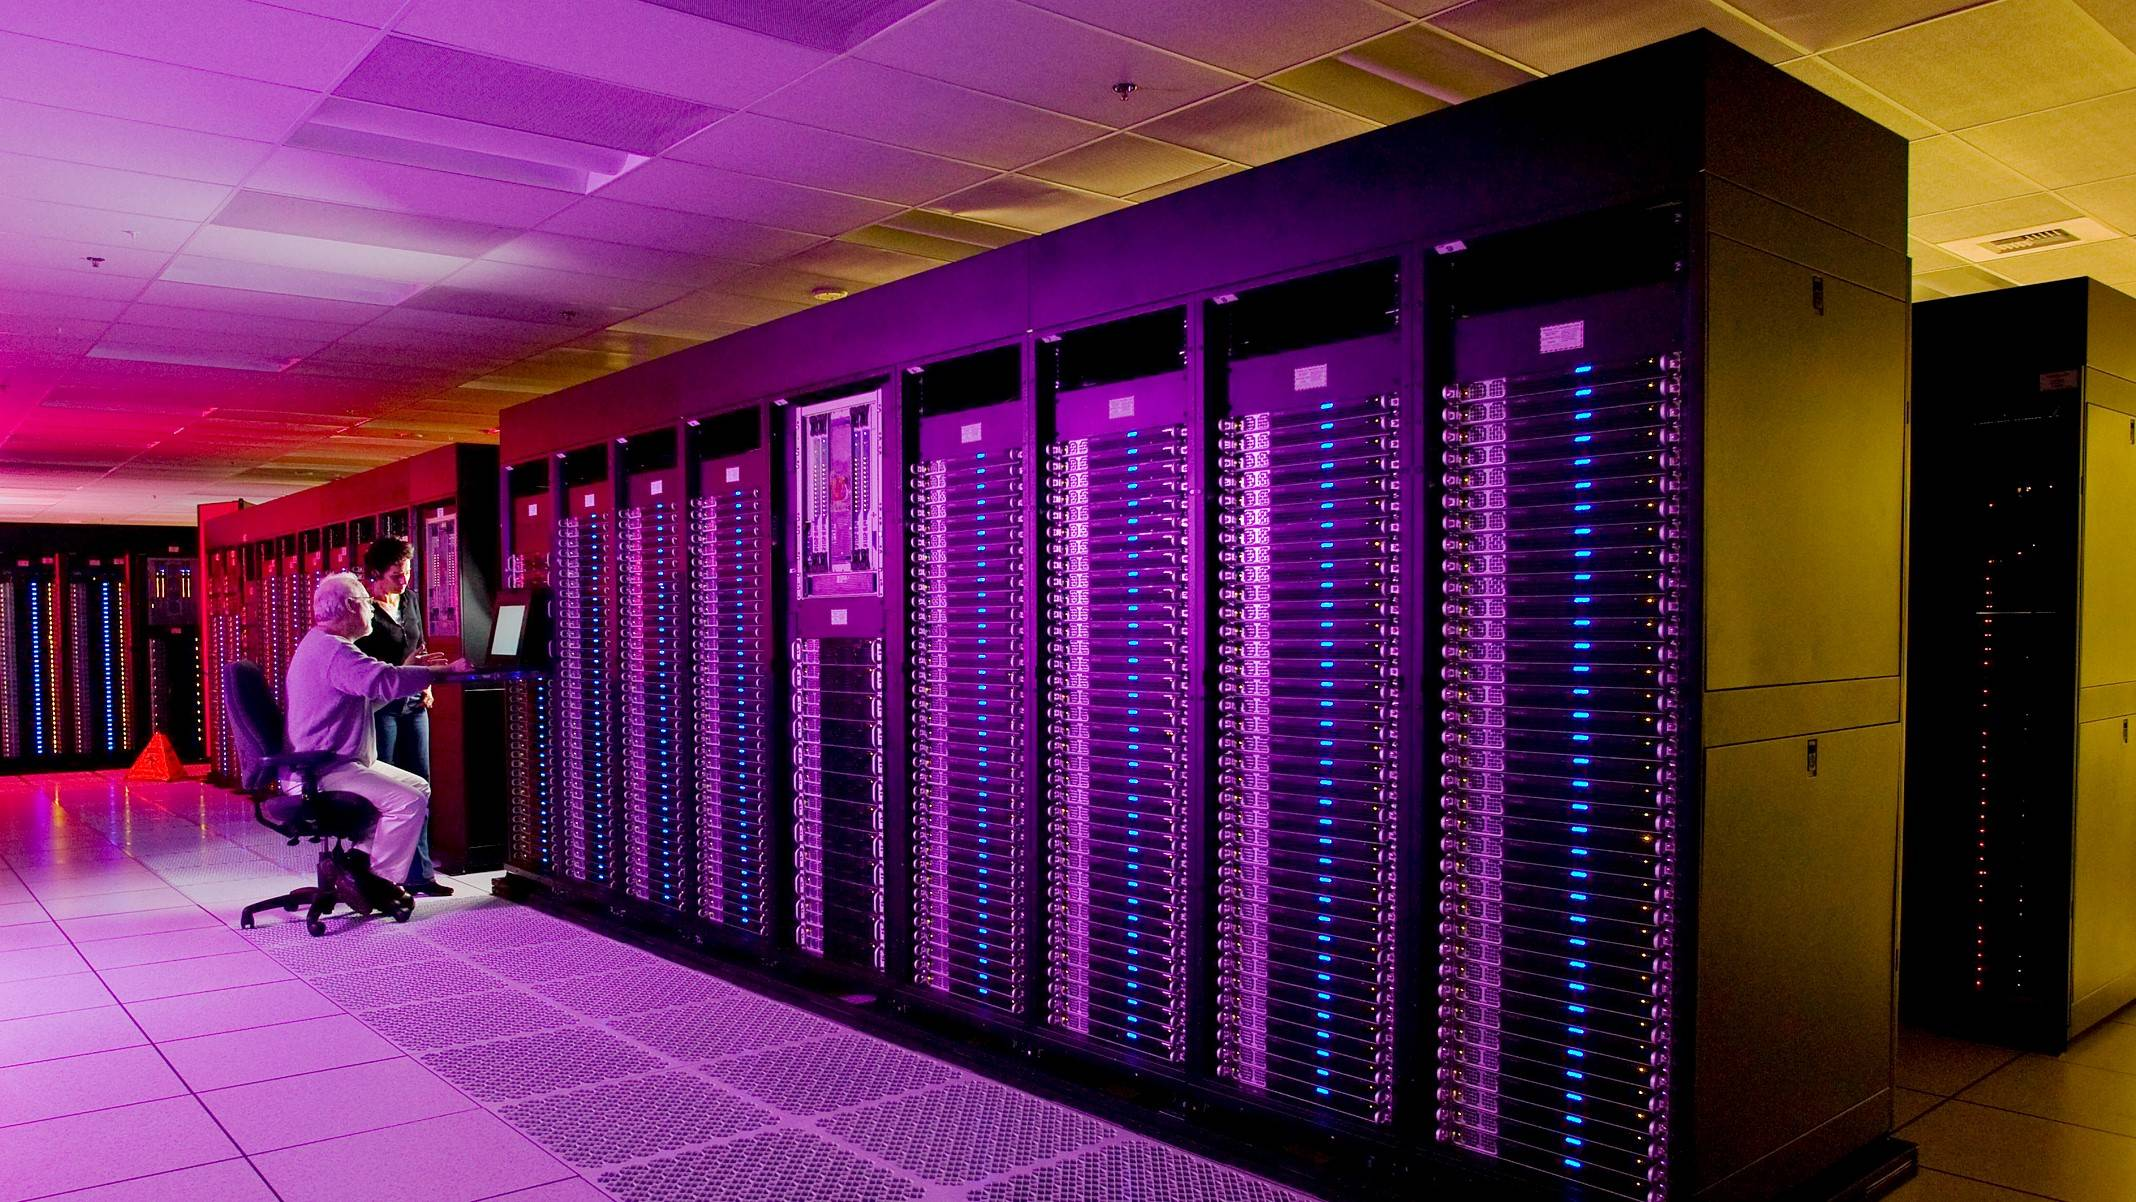 La supercomputadora más ràpida del mundo será construida para el Gobierno de los Estados Unidos